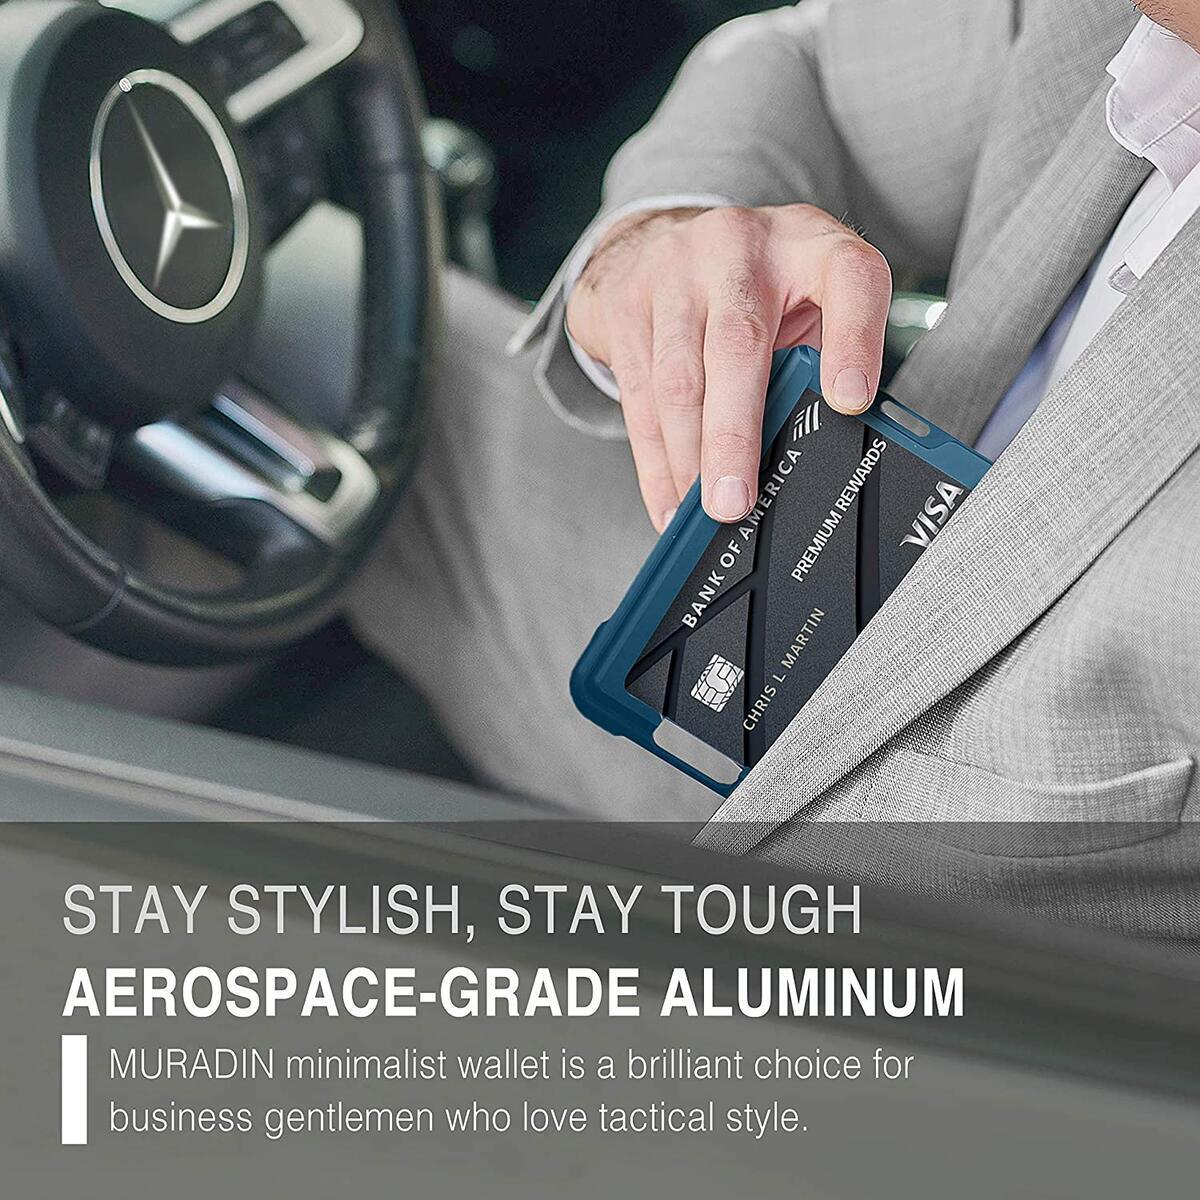 MURADIN RFID Wallets for Men. Minimalist Aerospace-grade Aluminum Metal Wallet